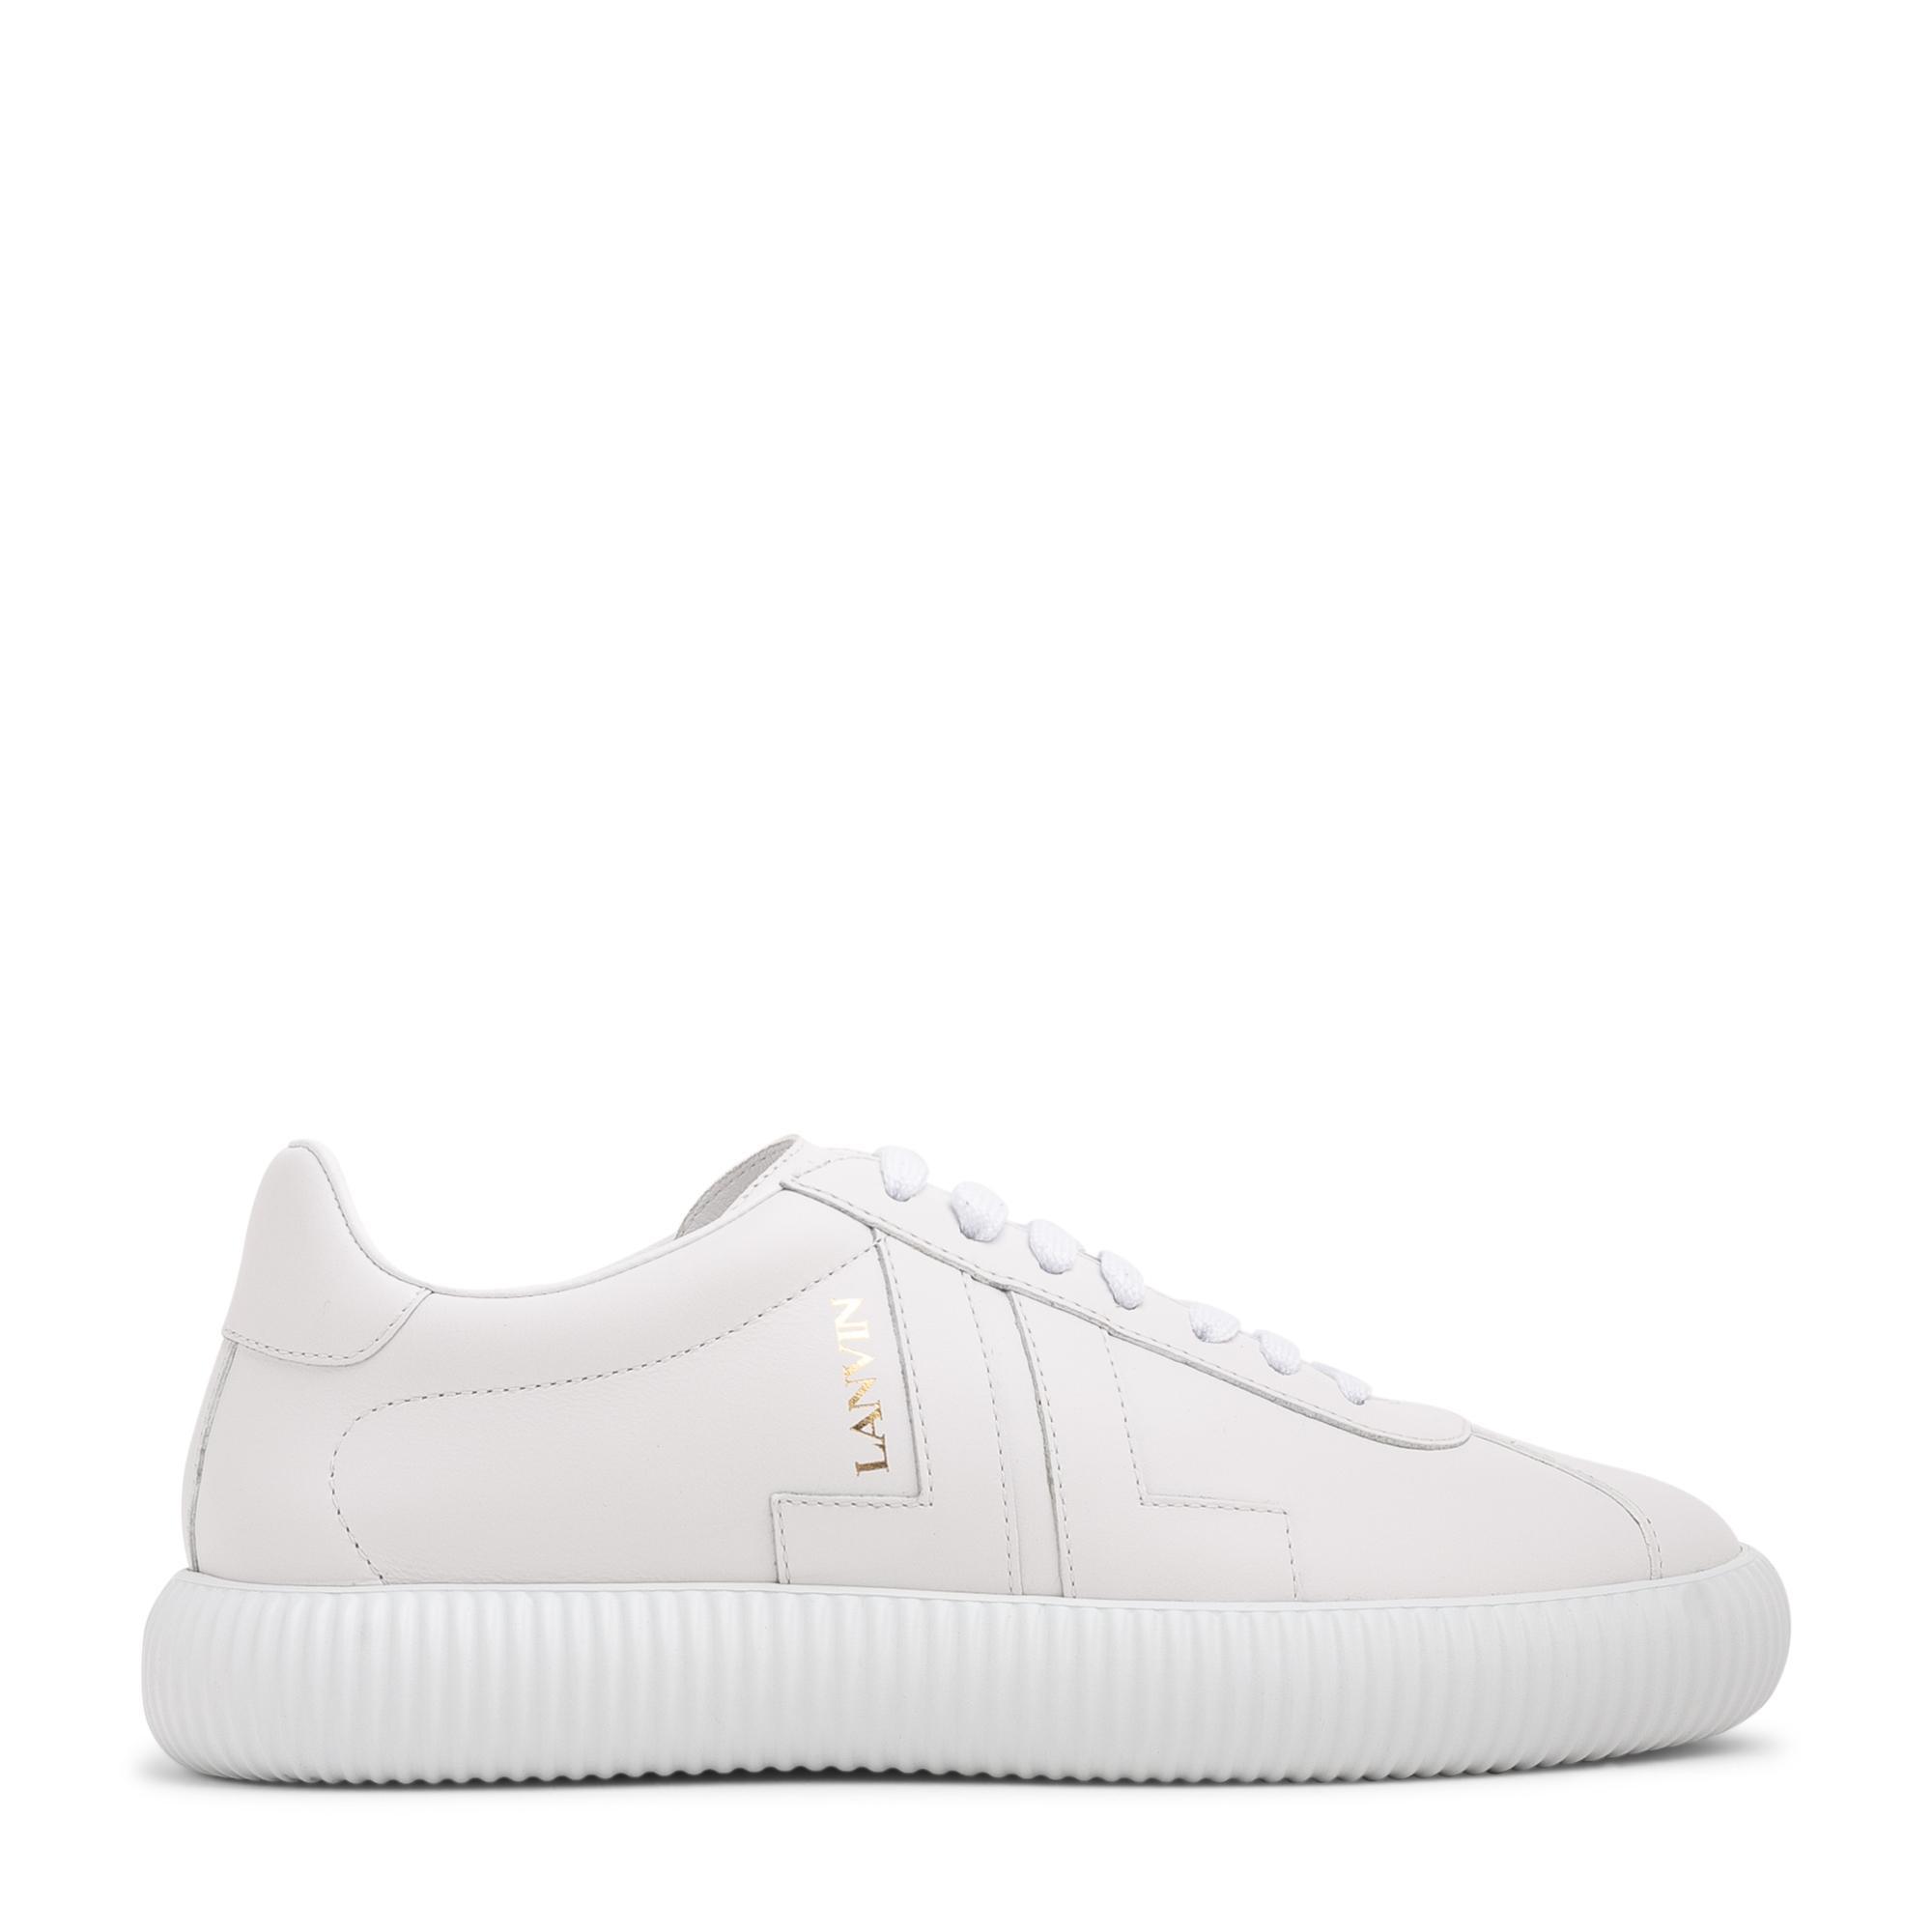 Glen Arpege sneakers